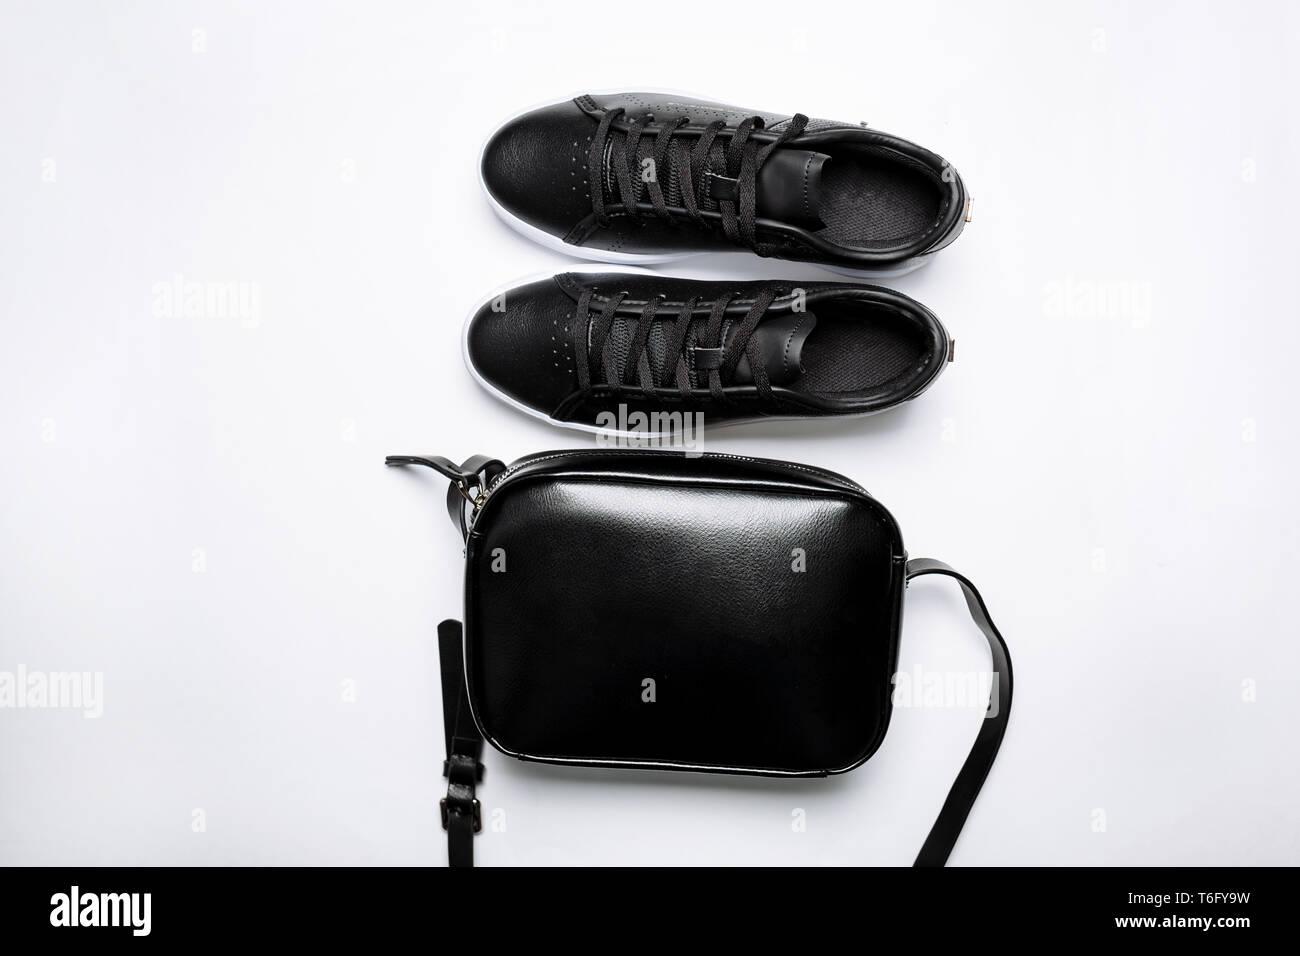 901bf5a8db Moda in pelle nero sneakers con suola bianca e nera Borsa in pelle su  sfondo bianco